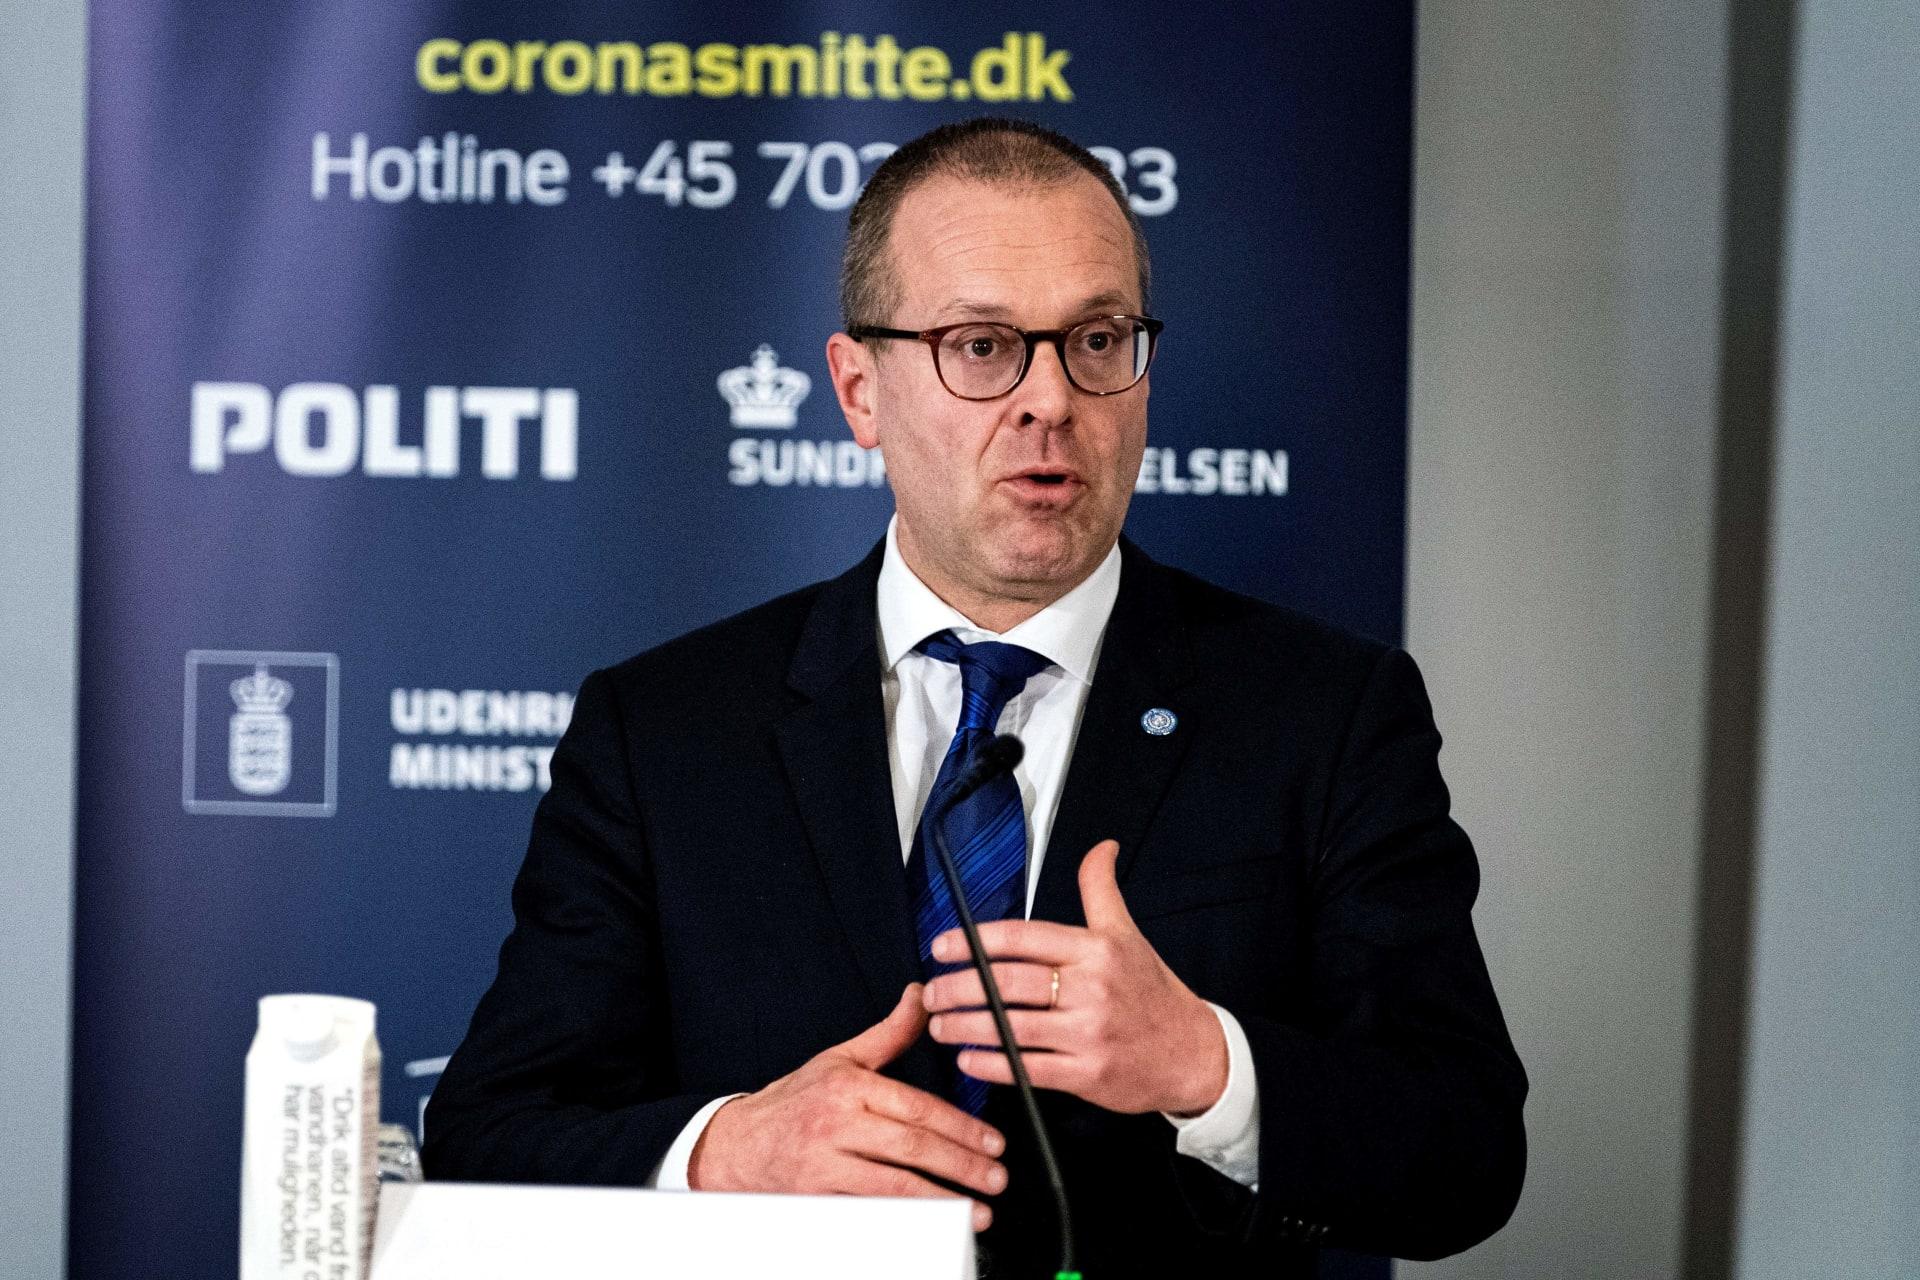 هانز هنري كلوغ رئيس منظمة الصحة العالمية في أوروبا